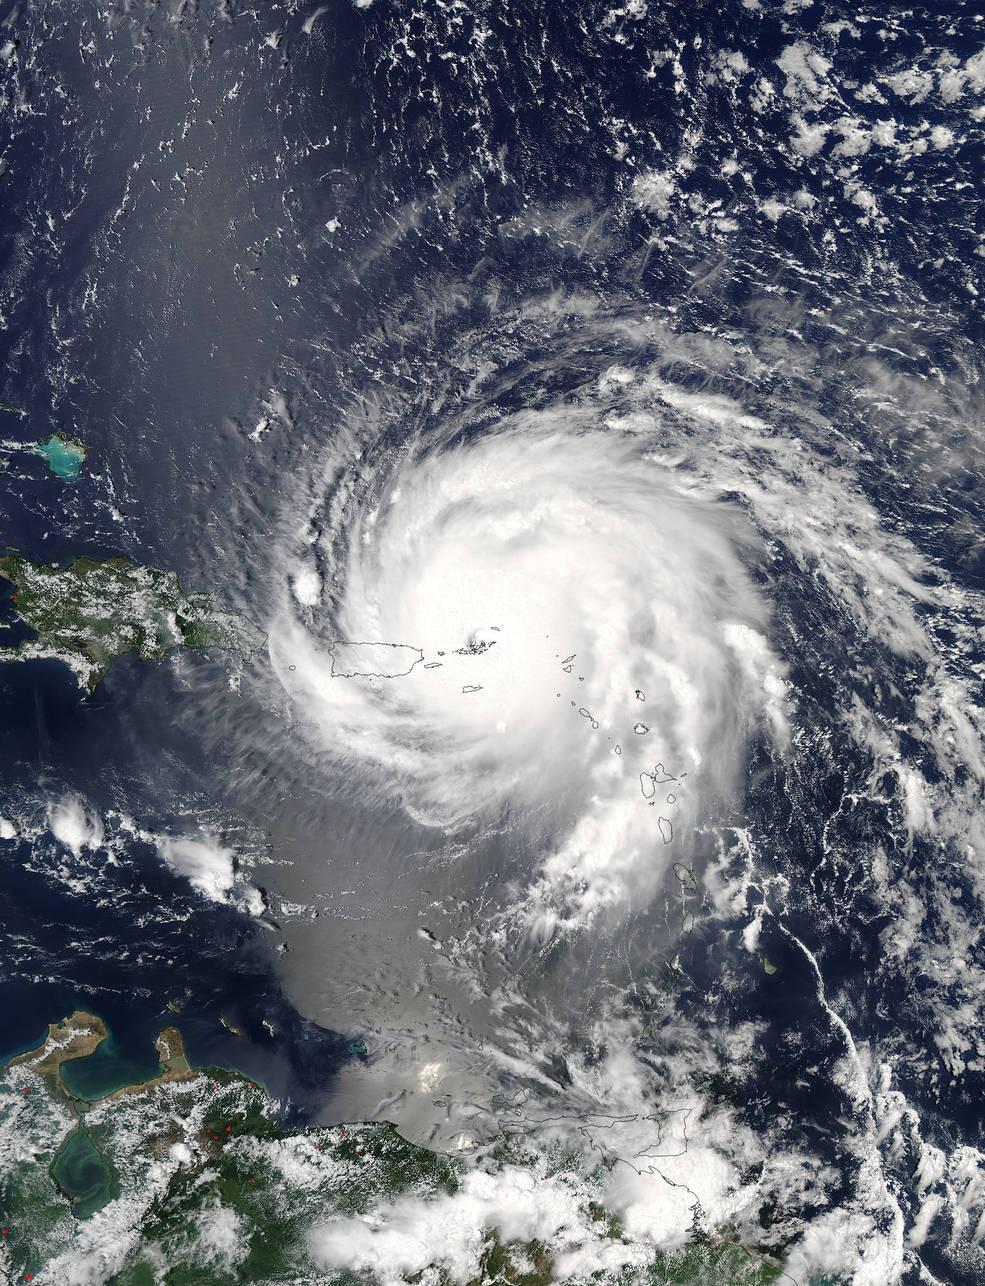 Furacão Irma sobre as Ilhas de Sotavento e Porto Rico, no dia 6 de setembro de 2017, às 13:45 da tarde (Foto: NASA Goddard MODIS Rapid Response Team)